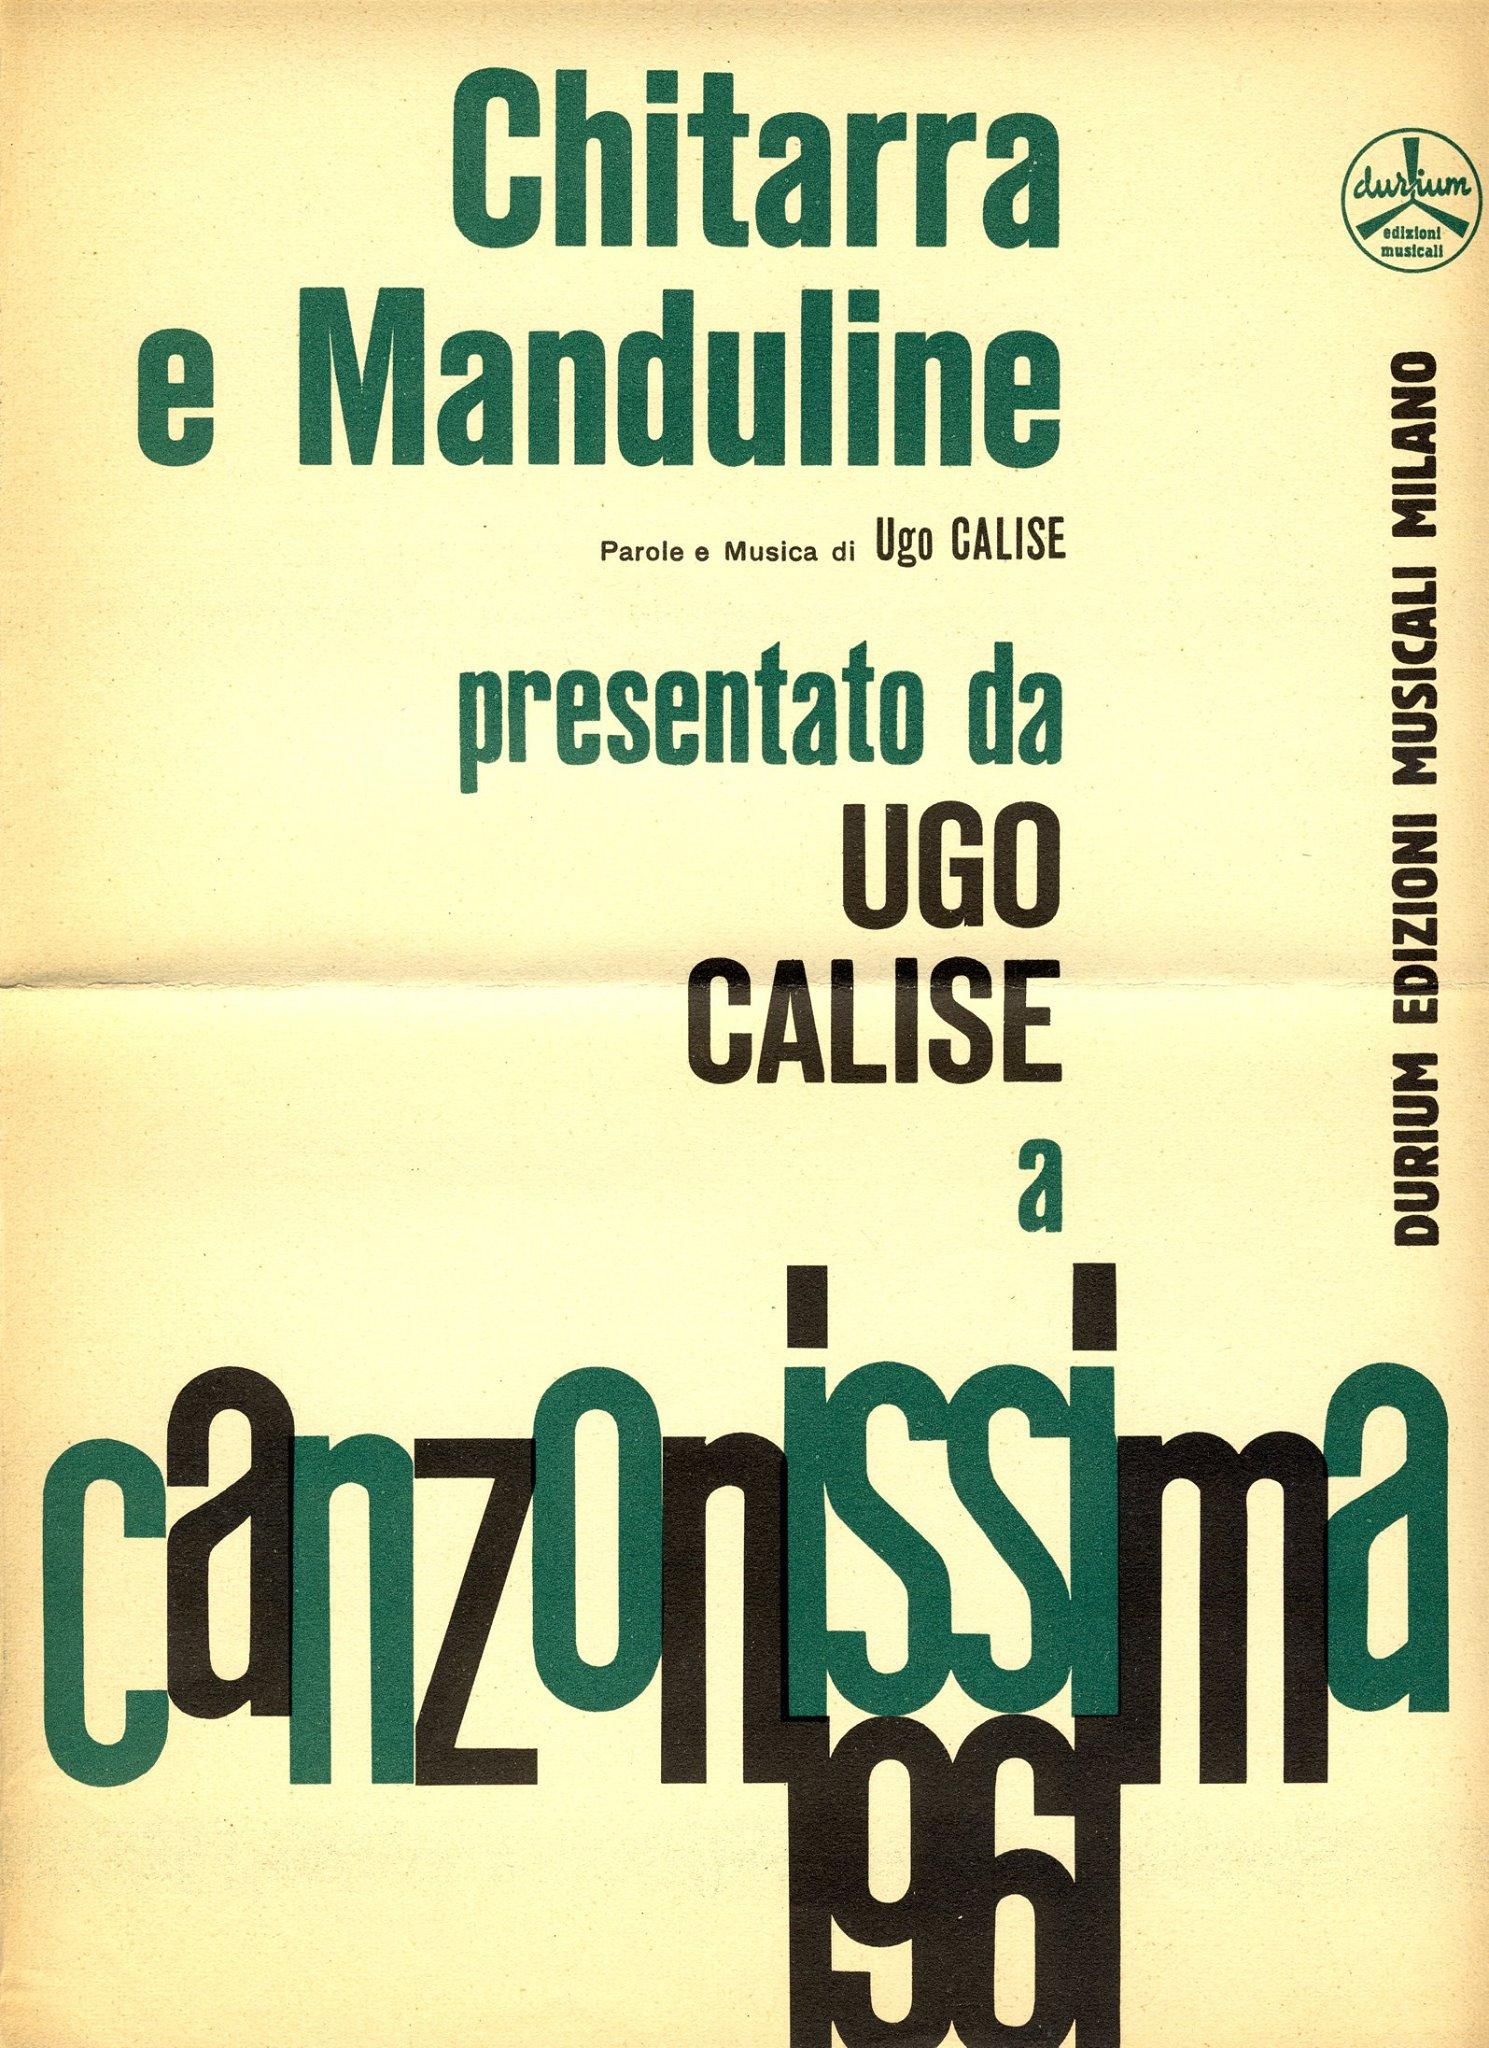 """Partitura di """"Chitarra E Manduline"""" (Calise-Calise). Edizioni Durium 1961."""